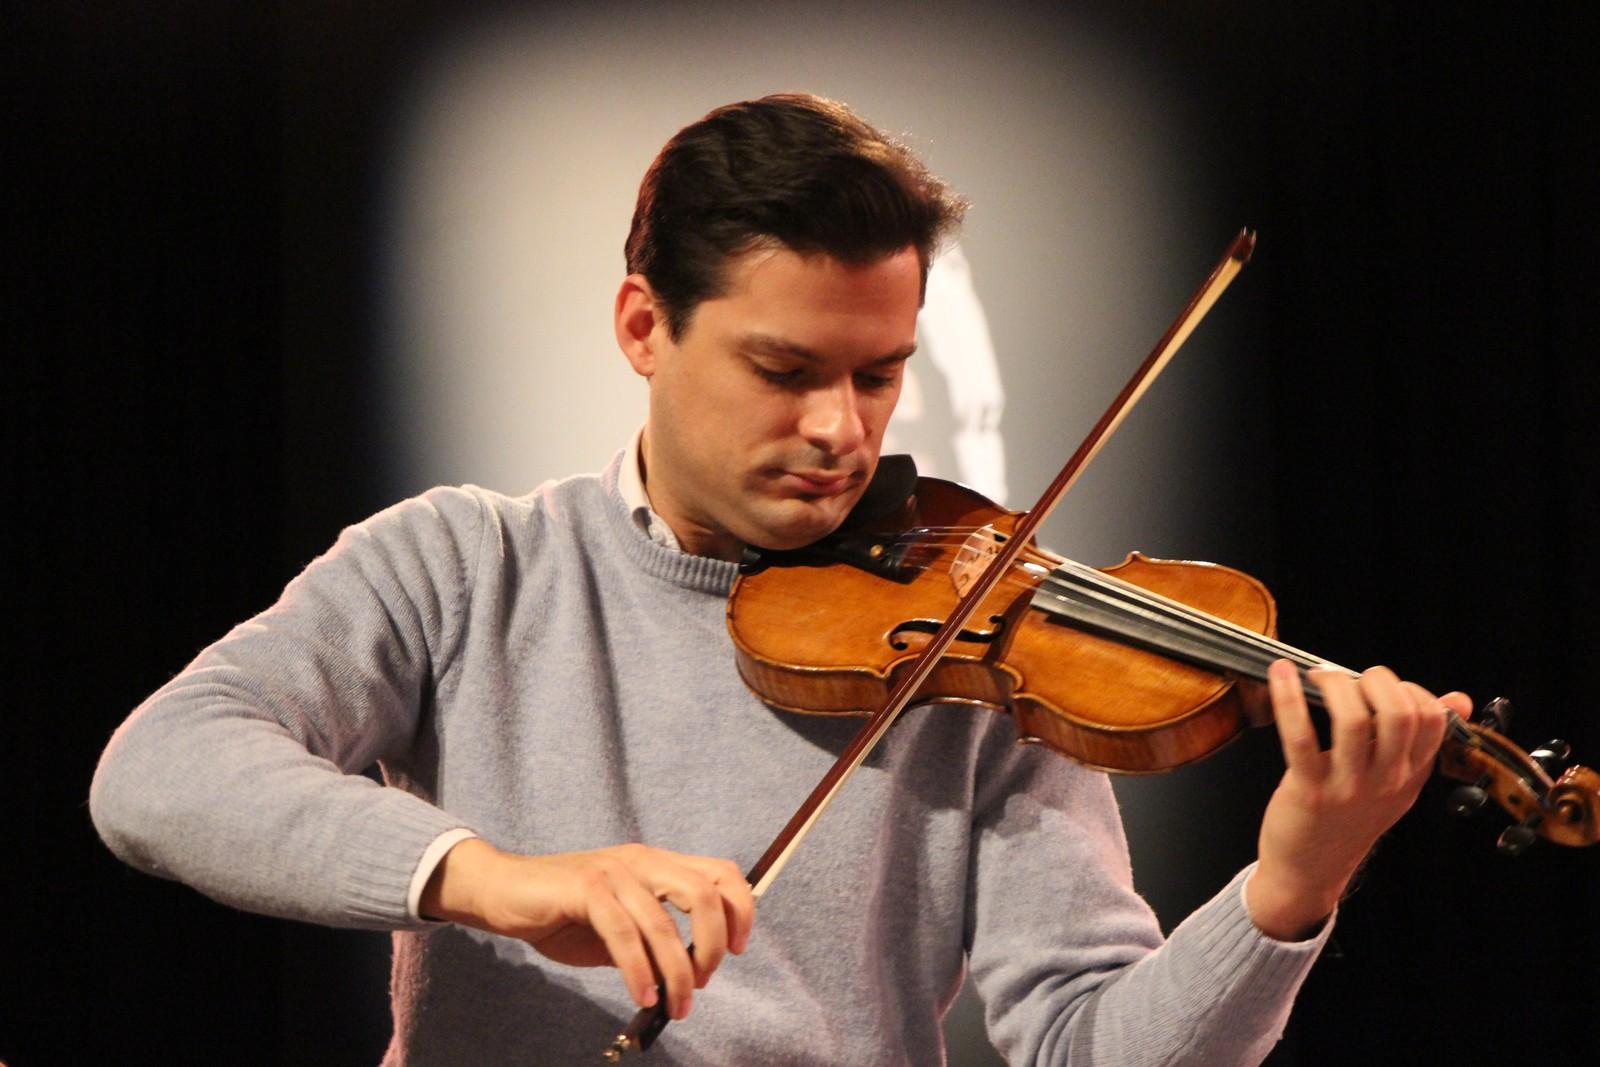 Luiz Coelho er førstefiolinist i Berlinfilharmonien og spiller for kandidatene.